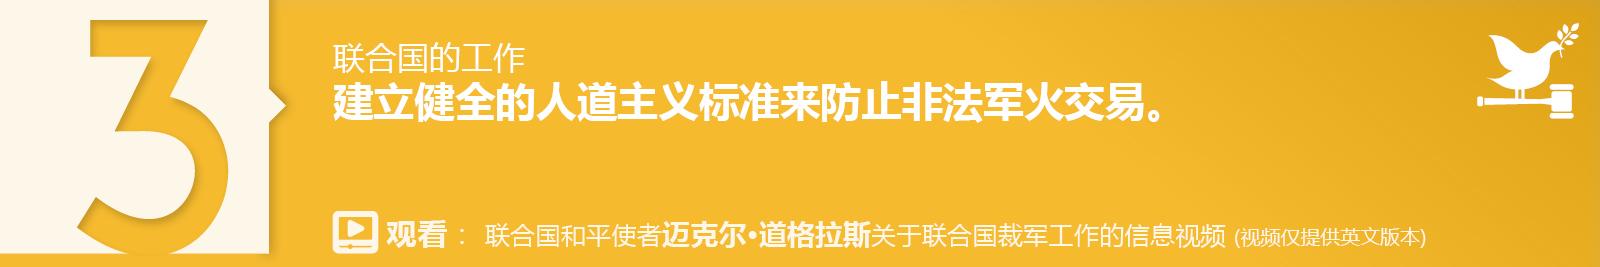 3. 建立健全的人道主义标准来防止非法军火交易。